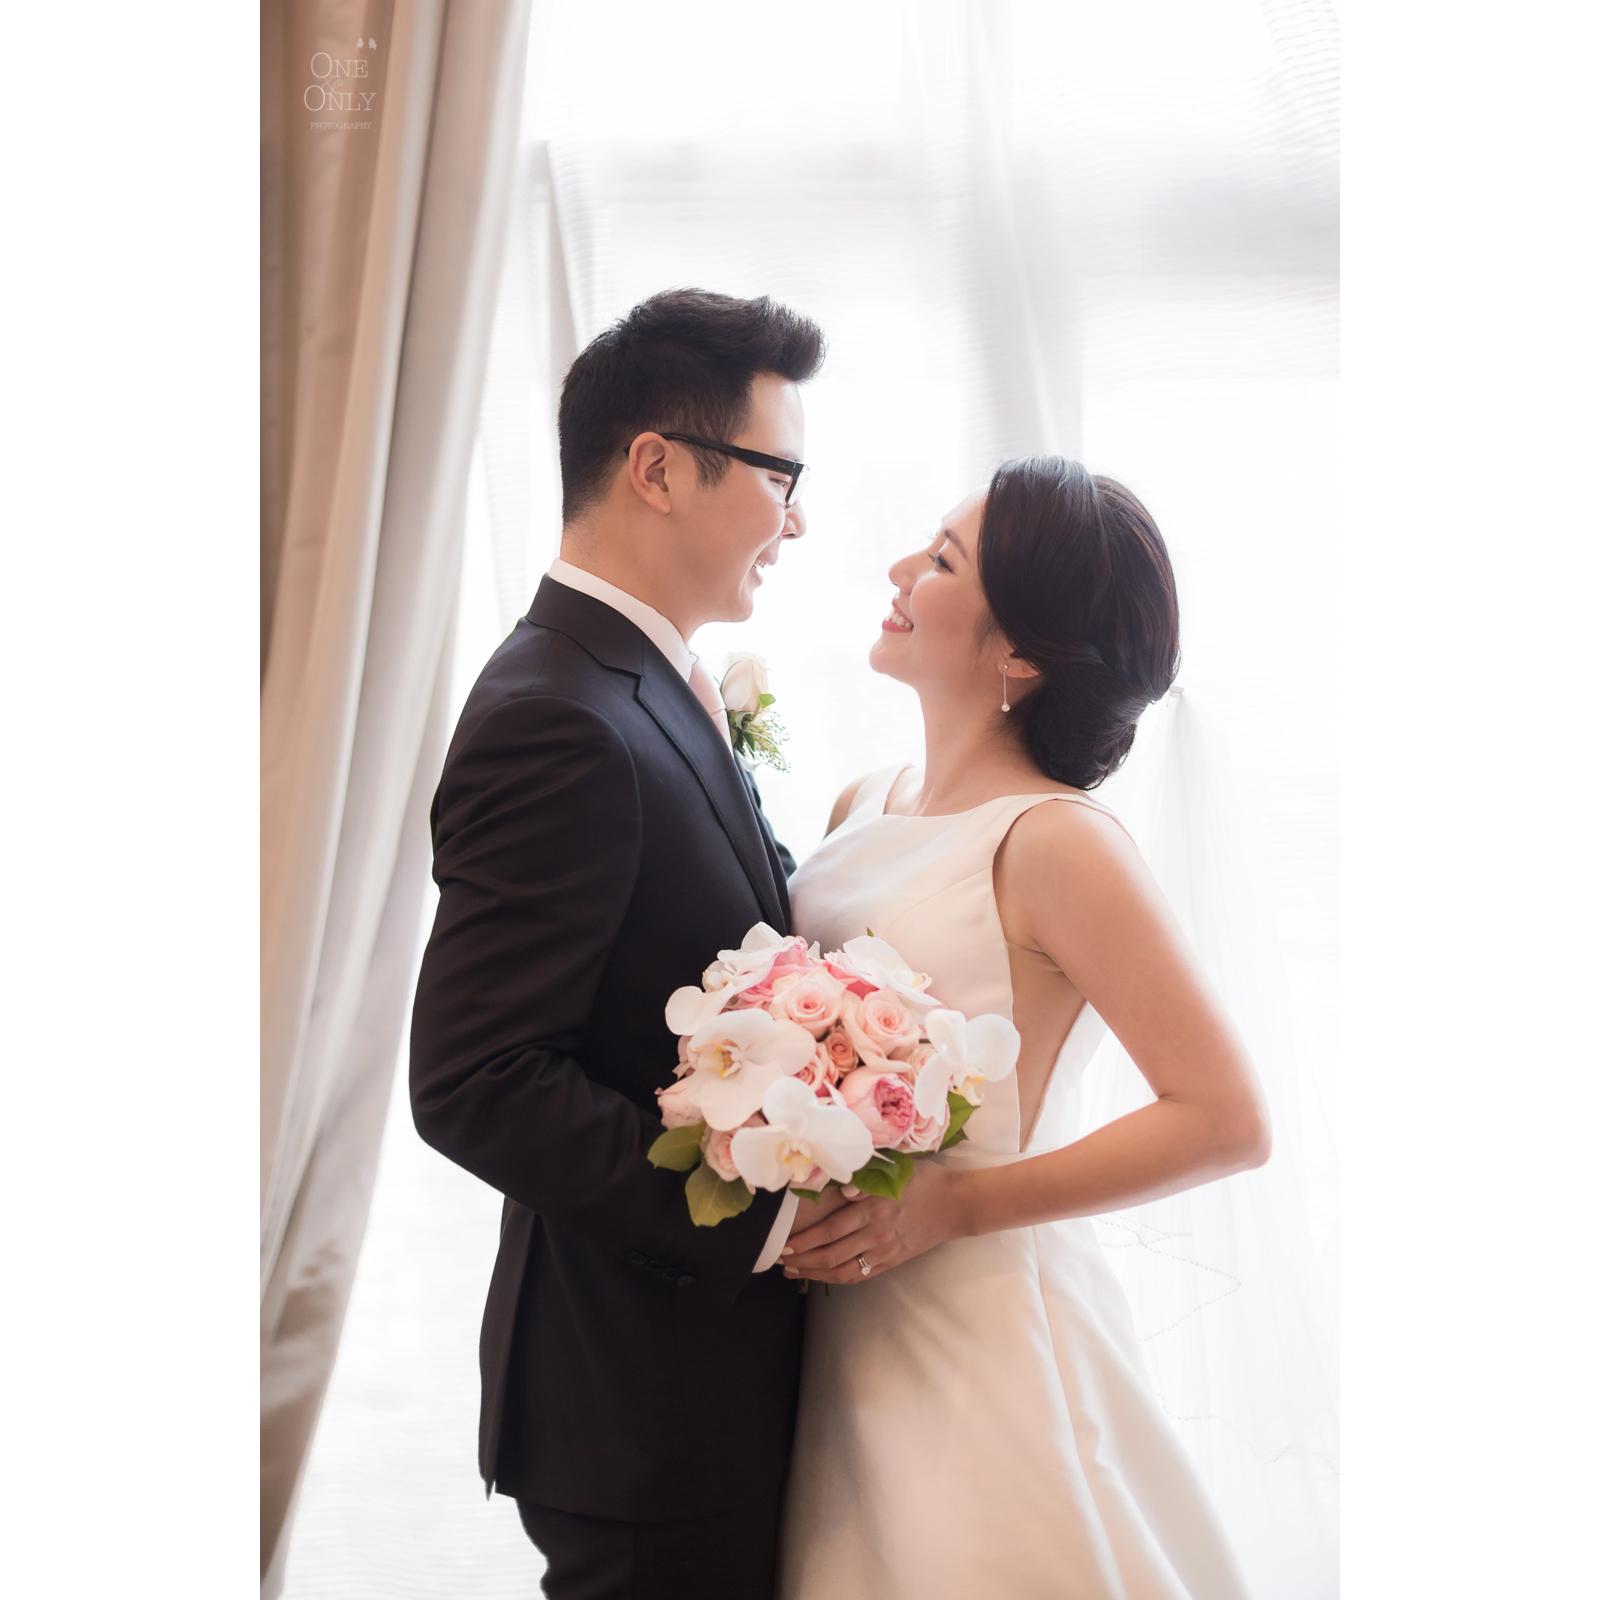 Lauren+James' wedding day